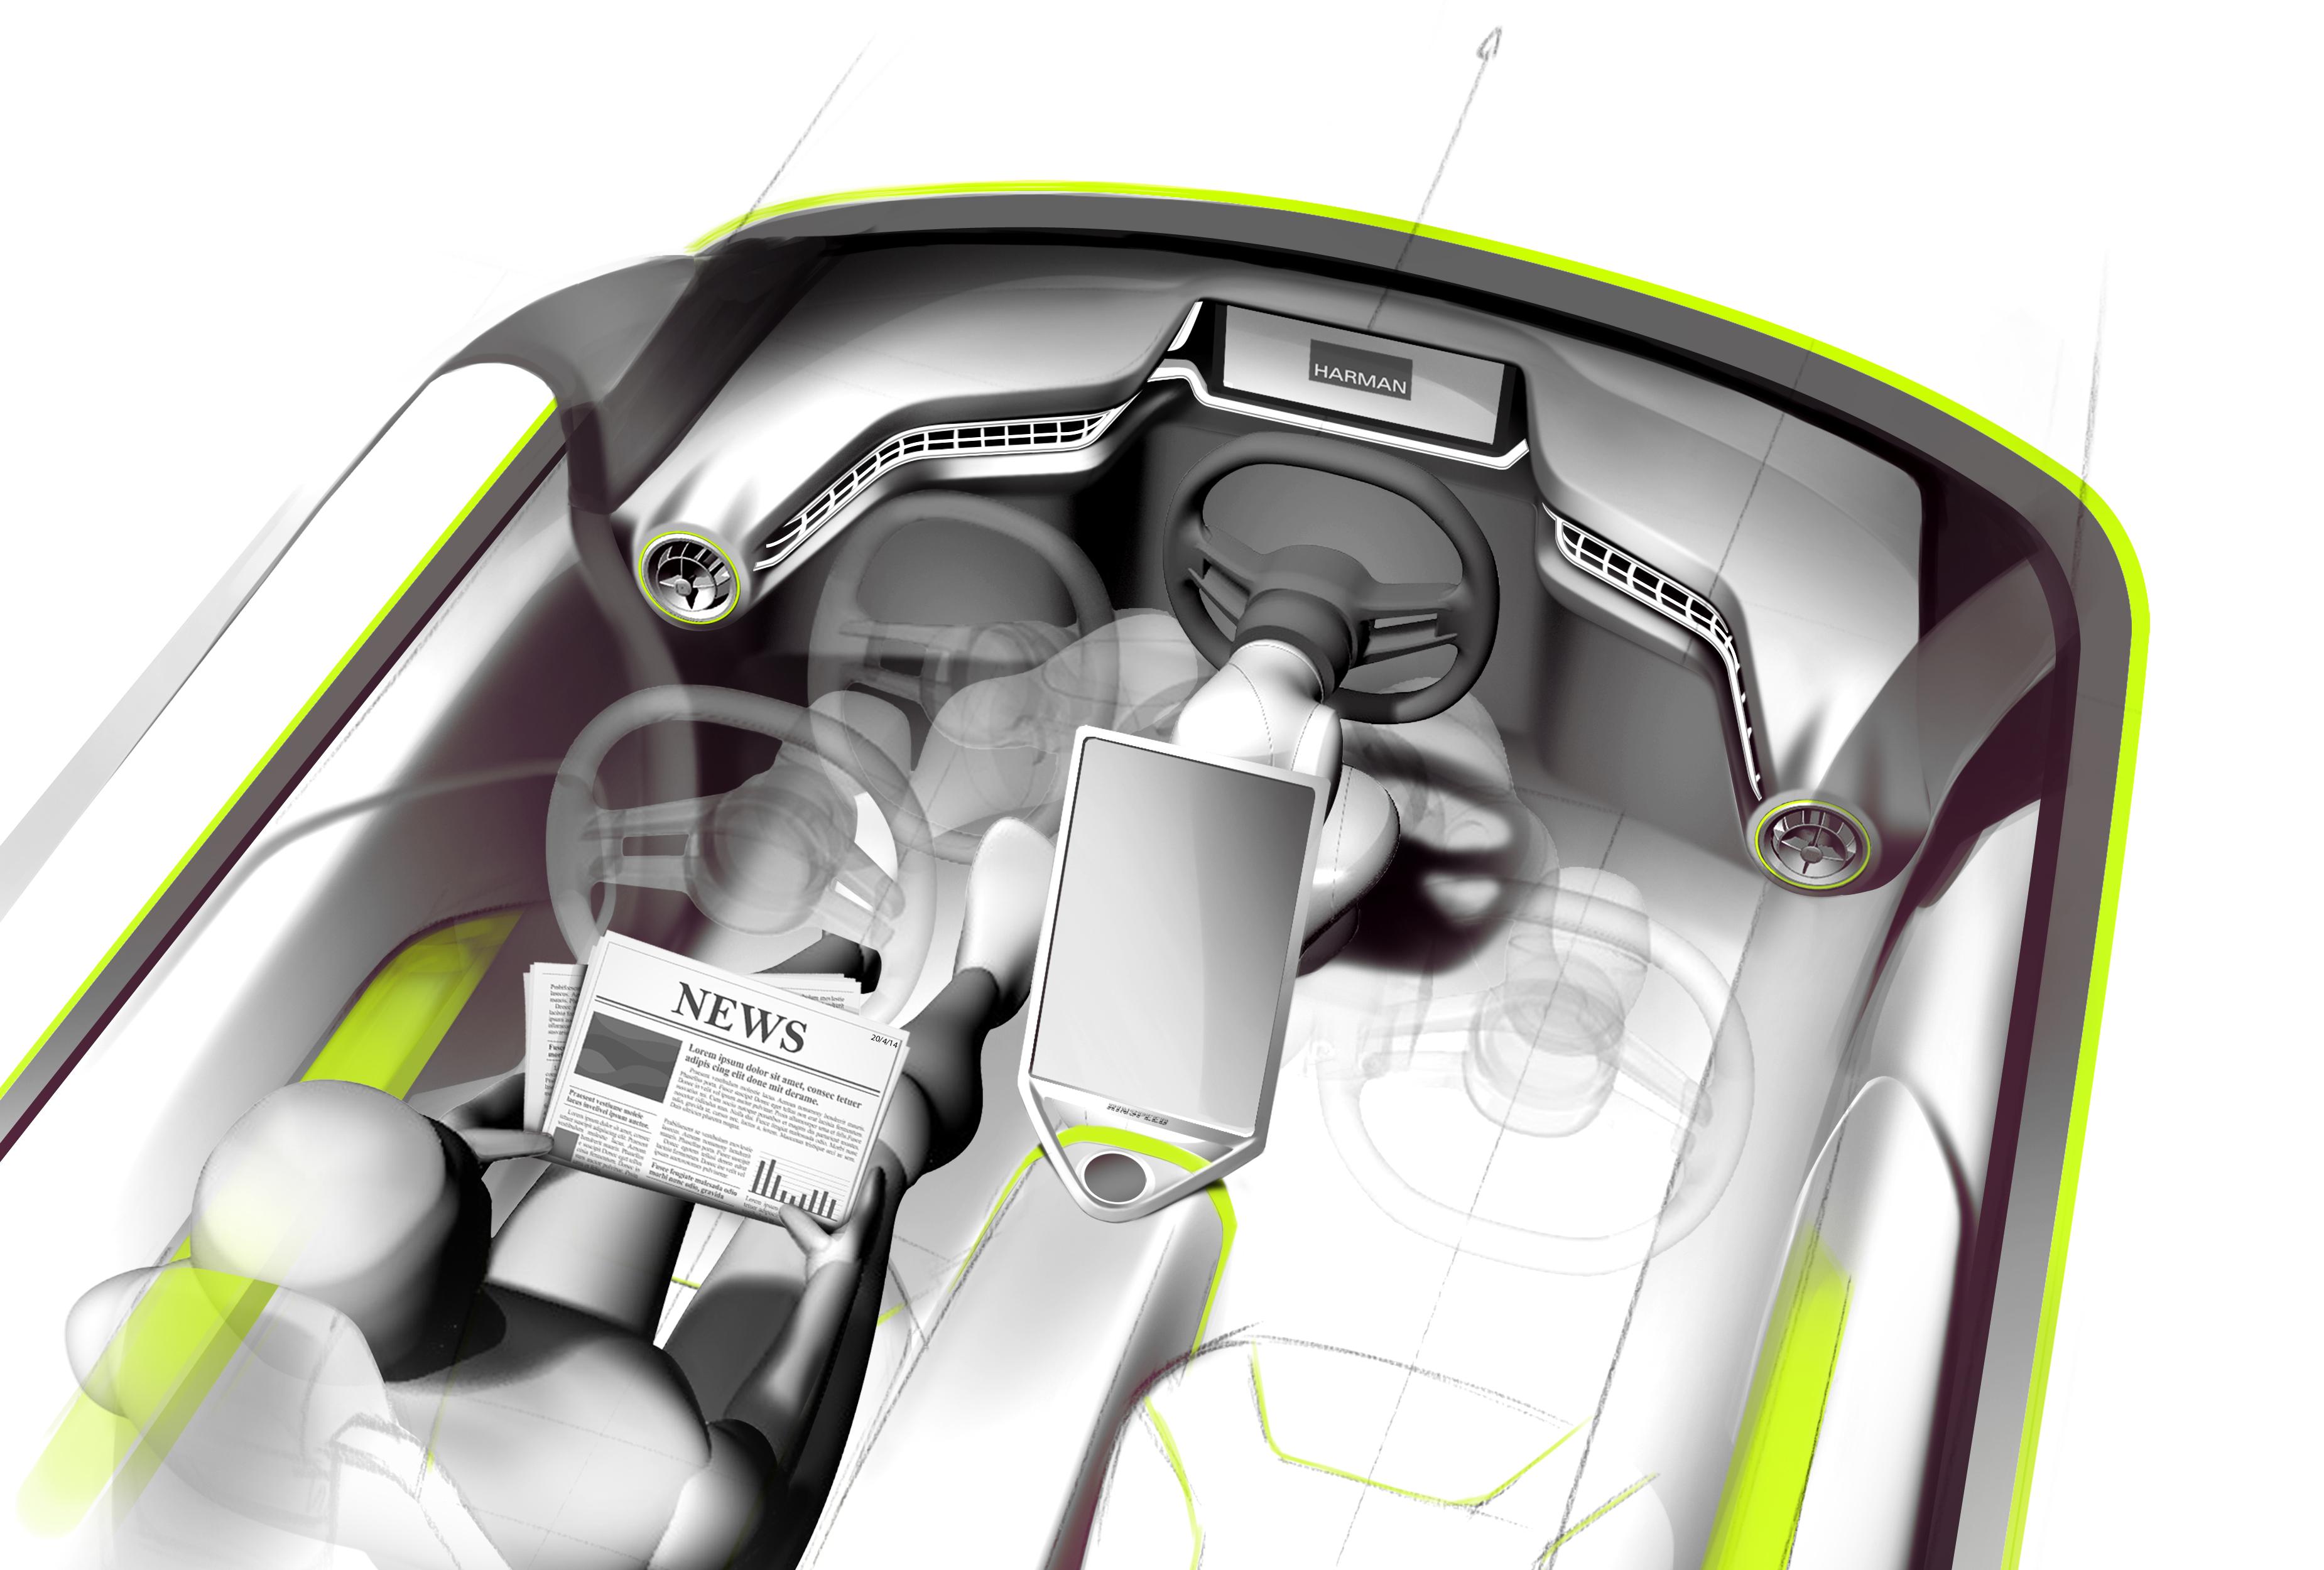 gen ve 2015 le pr parateur suisse rinspeed d voile budii auto autonome. Black Bedroom Furniture Sets. Home Design Ideas